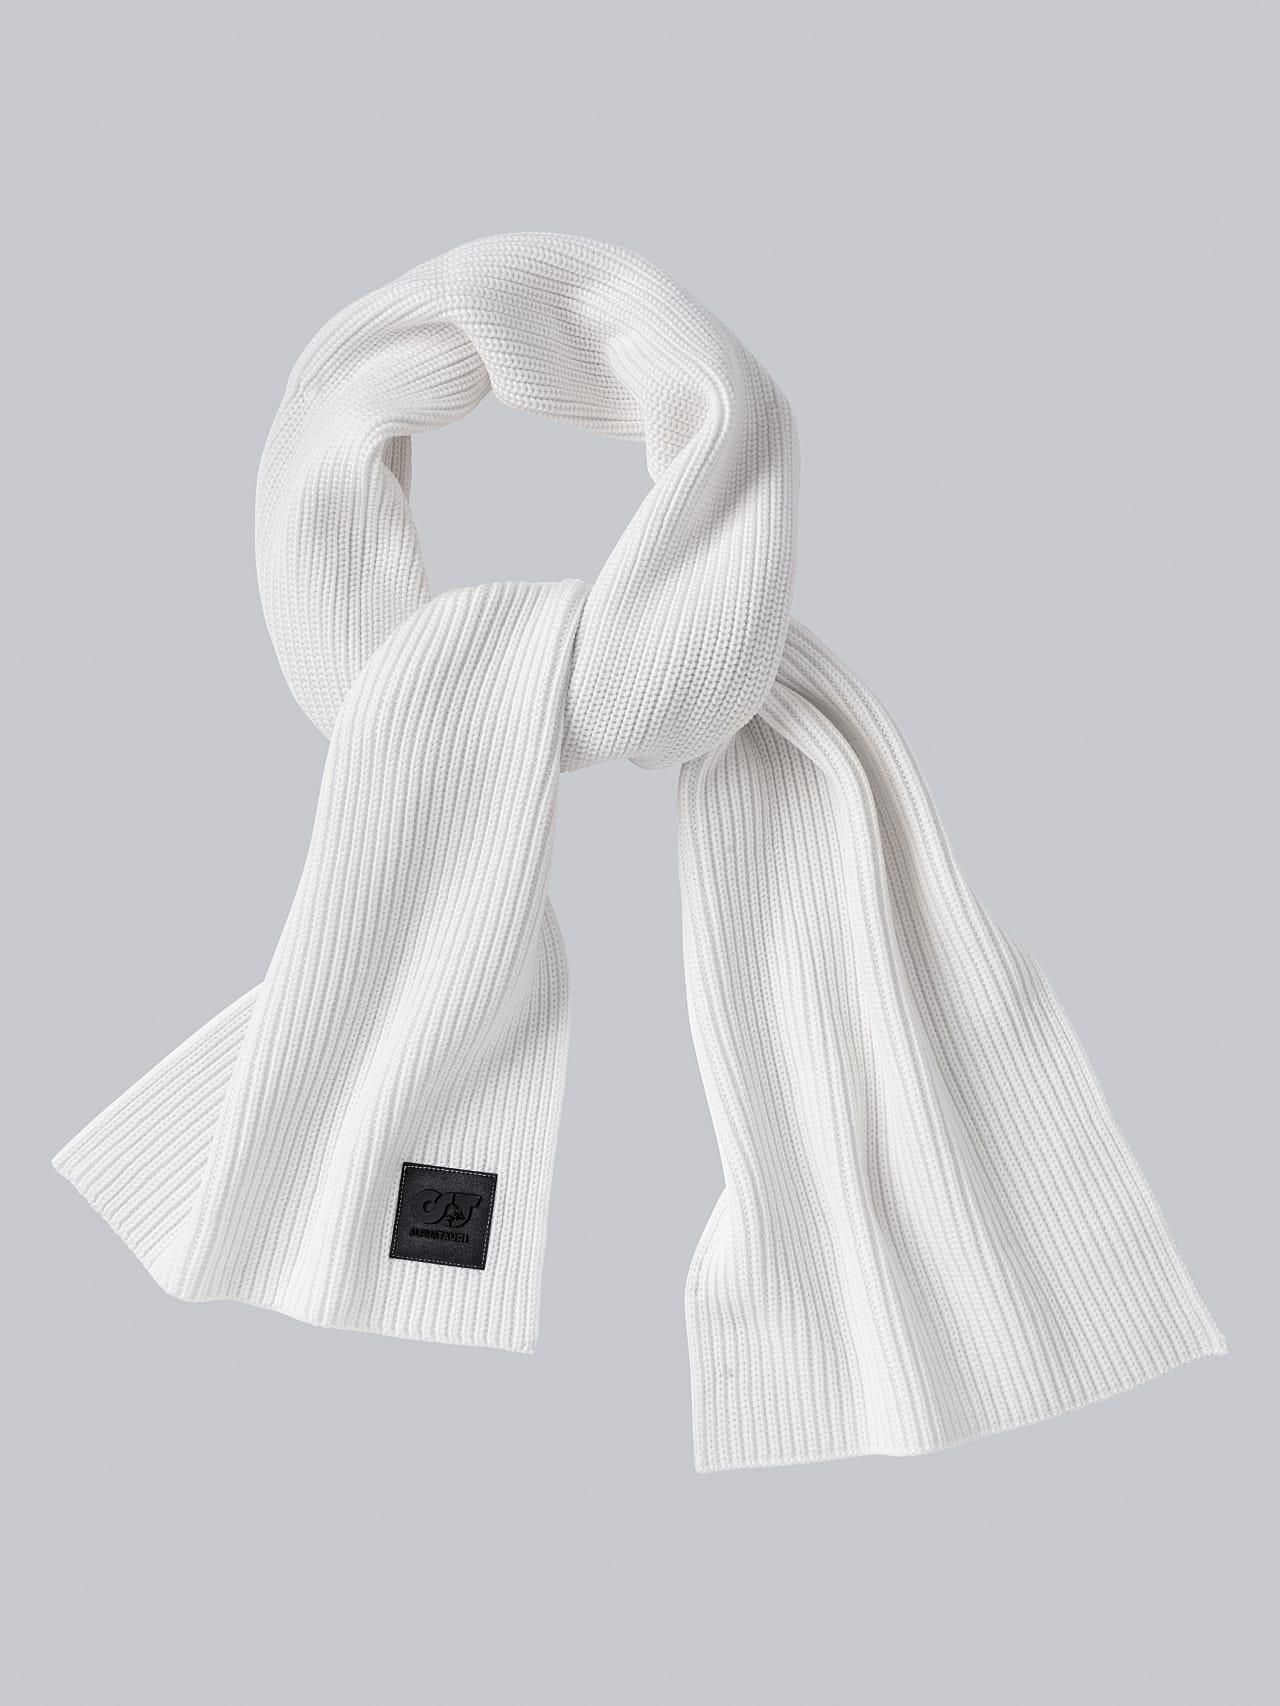 ASRAF V1.Y5.02 Unisex Rib Knit Wool Scarf offwhite Back Alpha Tauri